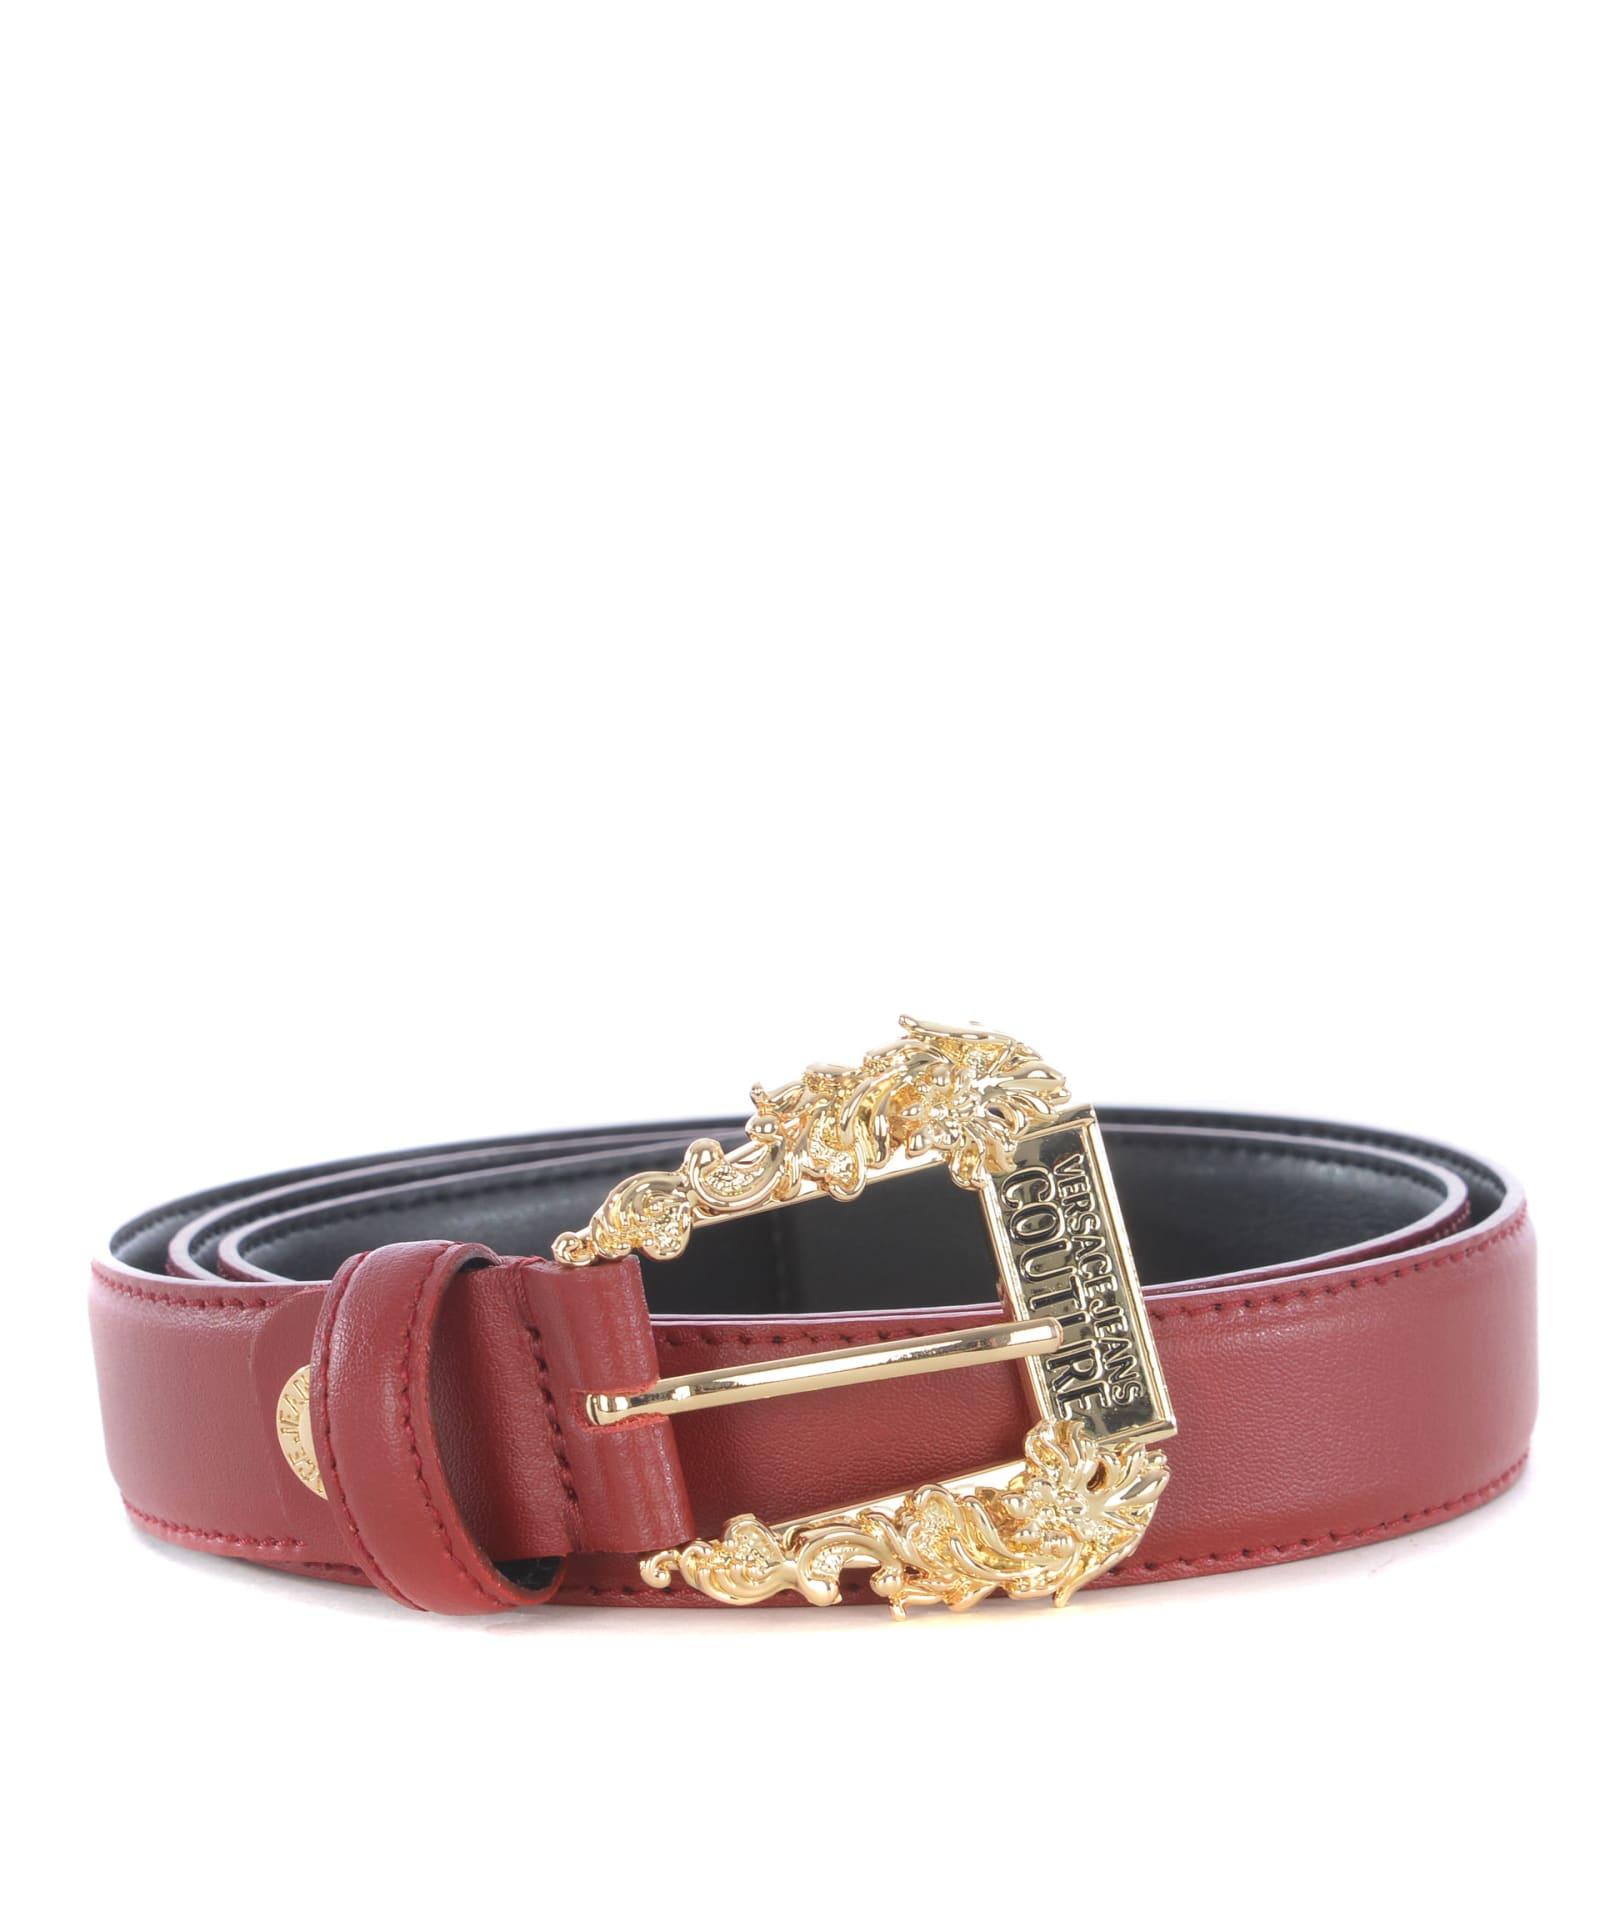 Versace Jeans Couture Belts BELT